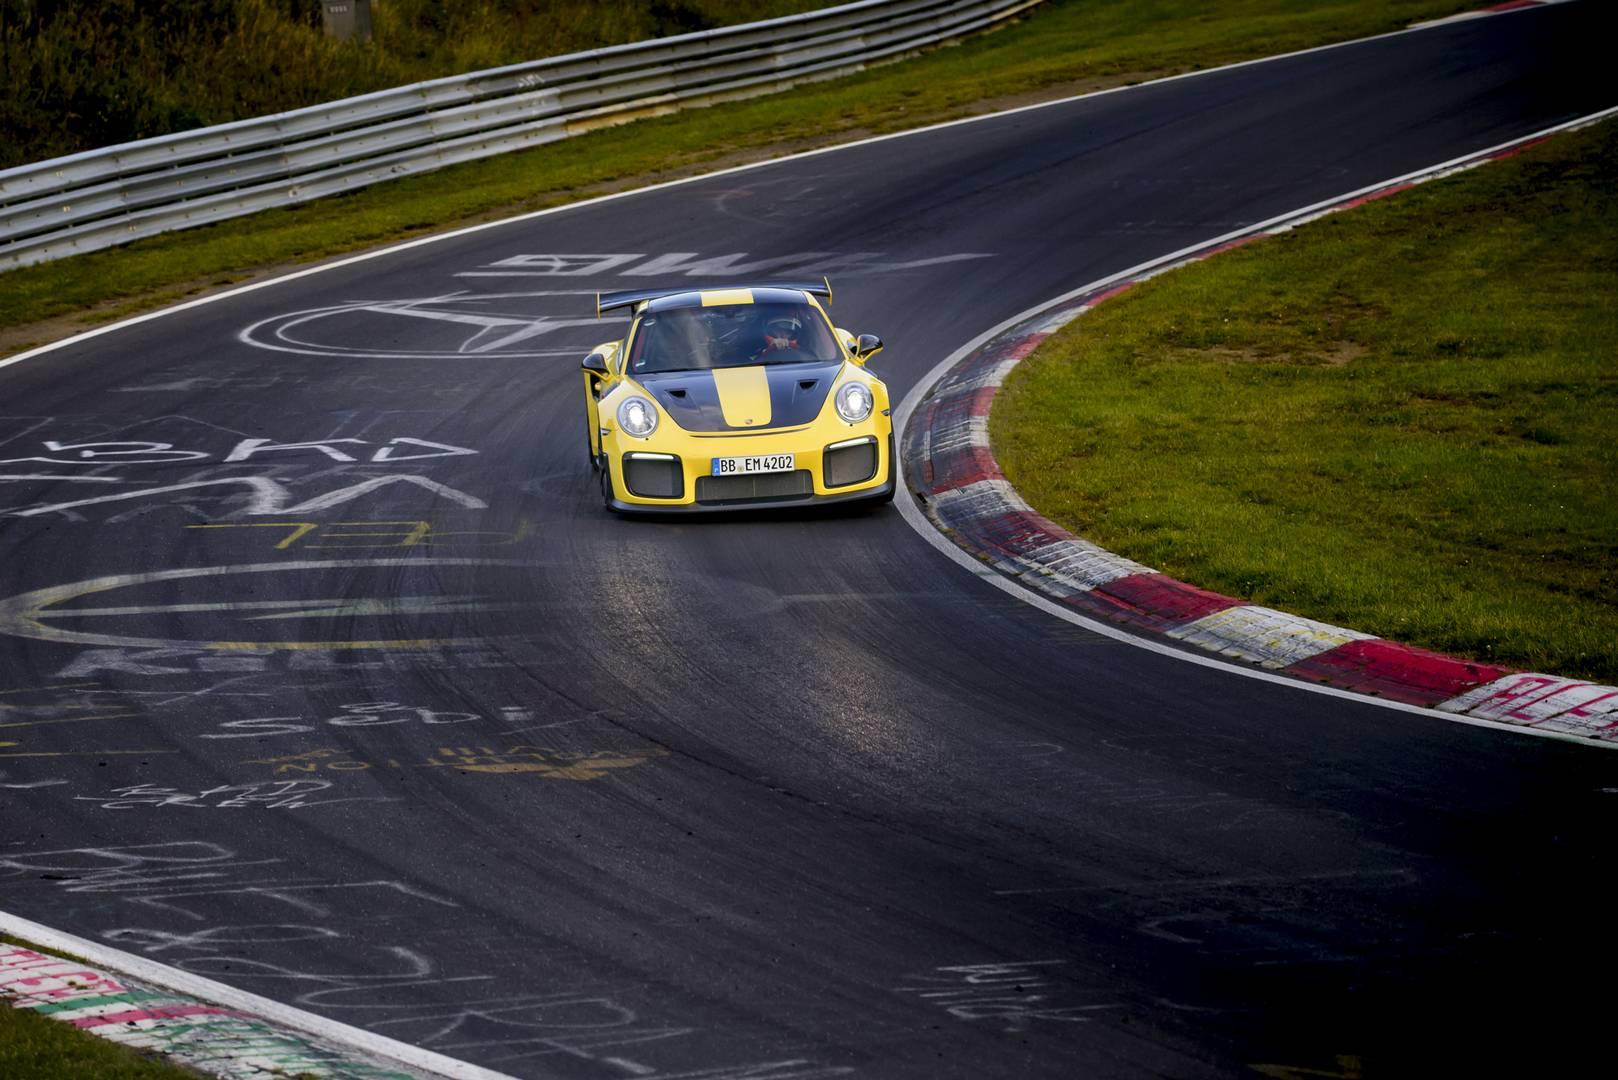 Новый GT2 RS - это не только самый мощный 911 всех времен, но и самый быстрый, его новая рекордная скорость больше, чем установленная гало-моделью Porsche 918 Spyder в 2013 году - 6 минут 57 секунд. Бренд Штутгарта по-прежнему сохраняет рекордное вре